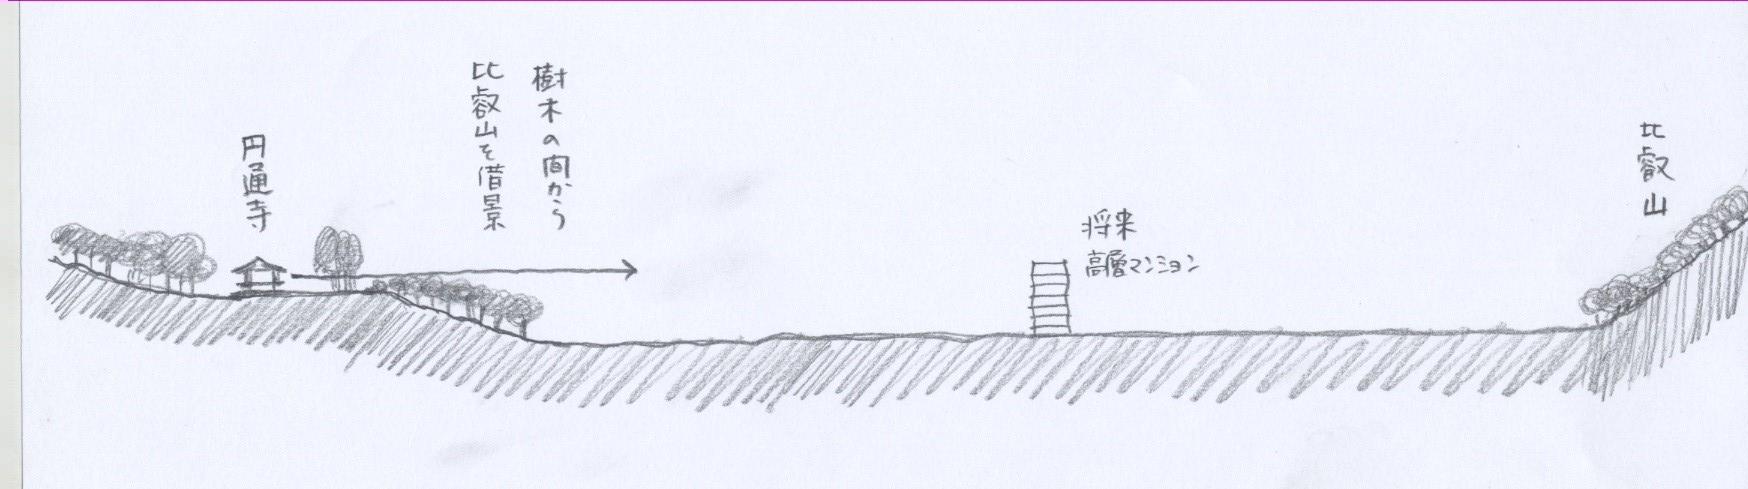 円通寺 断面図2